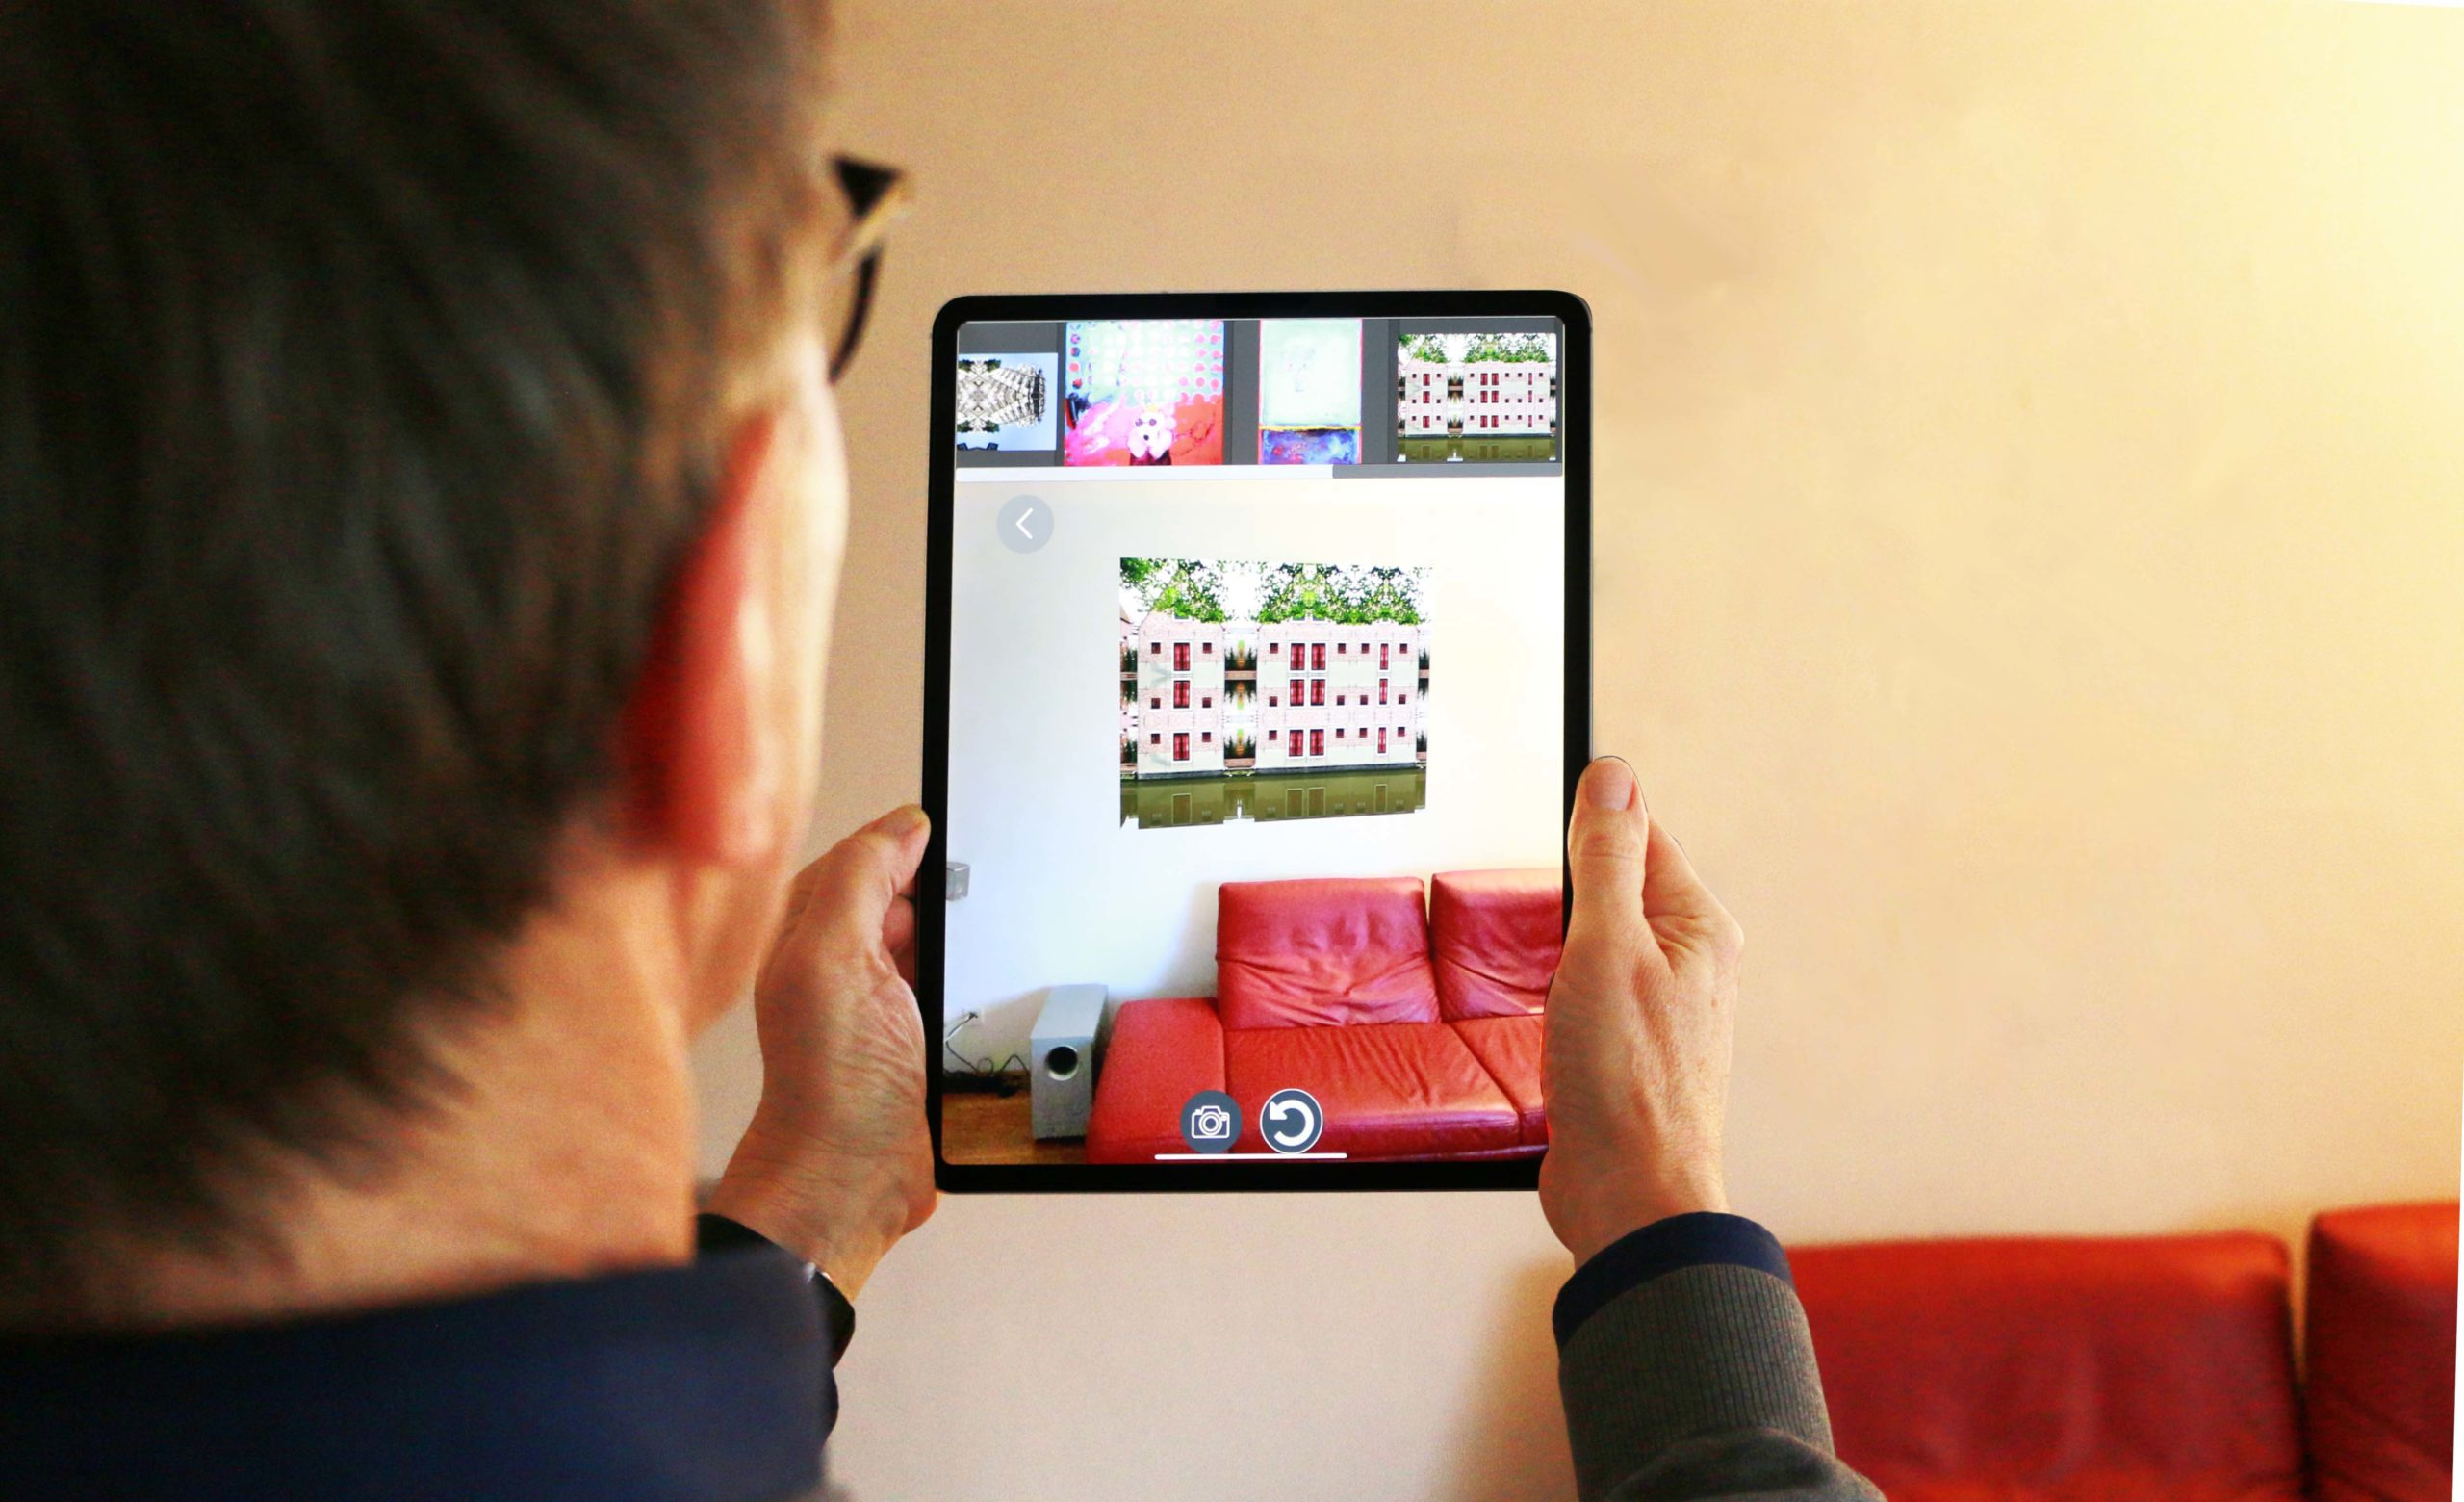 Kunstwerke per Augmented Reality zuhause ausprobieren